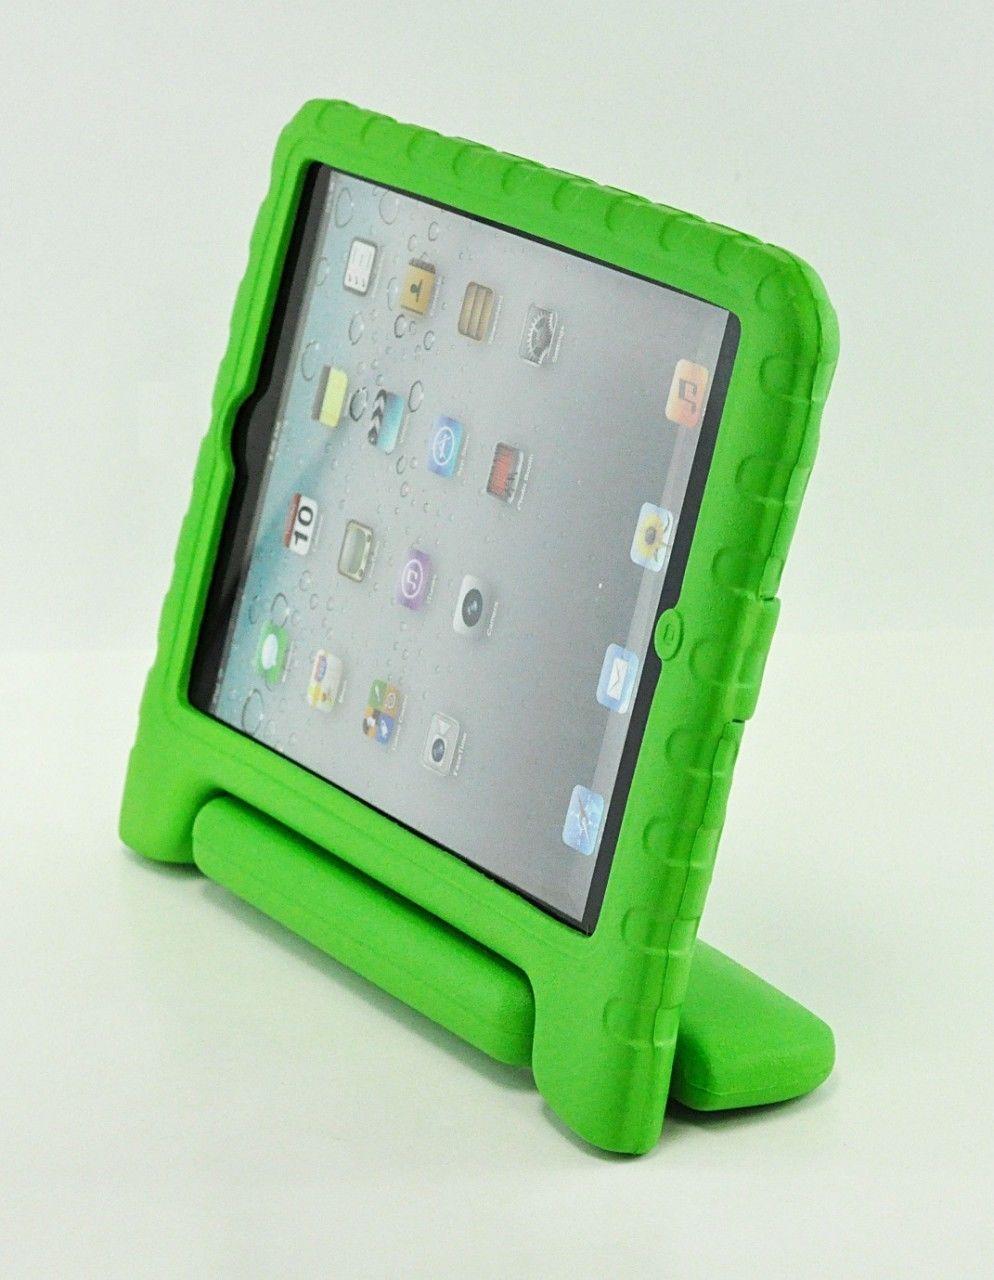 mini case a job at s s air Ipad air case, compatible with apple ipad air (a1474/a1475/a1476)  ipad mini 2 case, ipad mini case, ipad mini 3 case, compatible with.